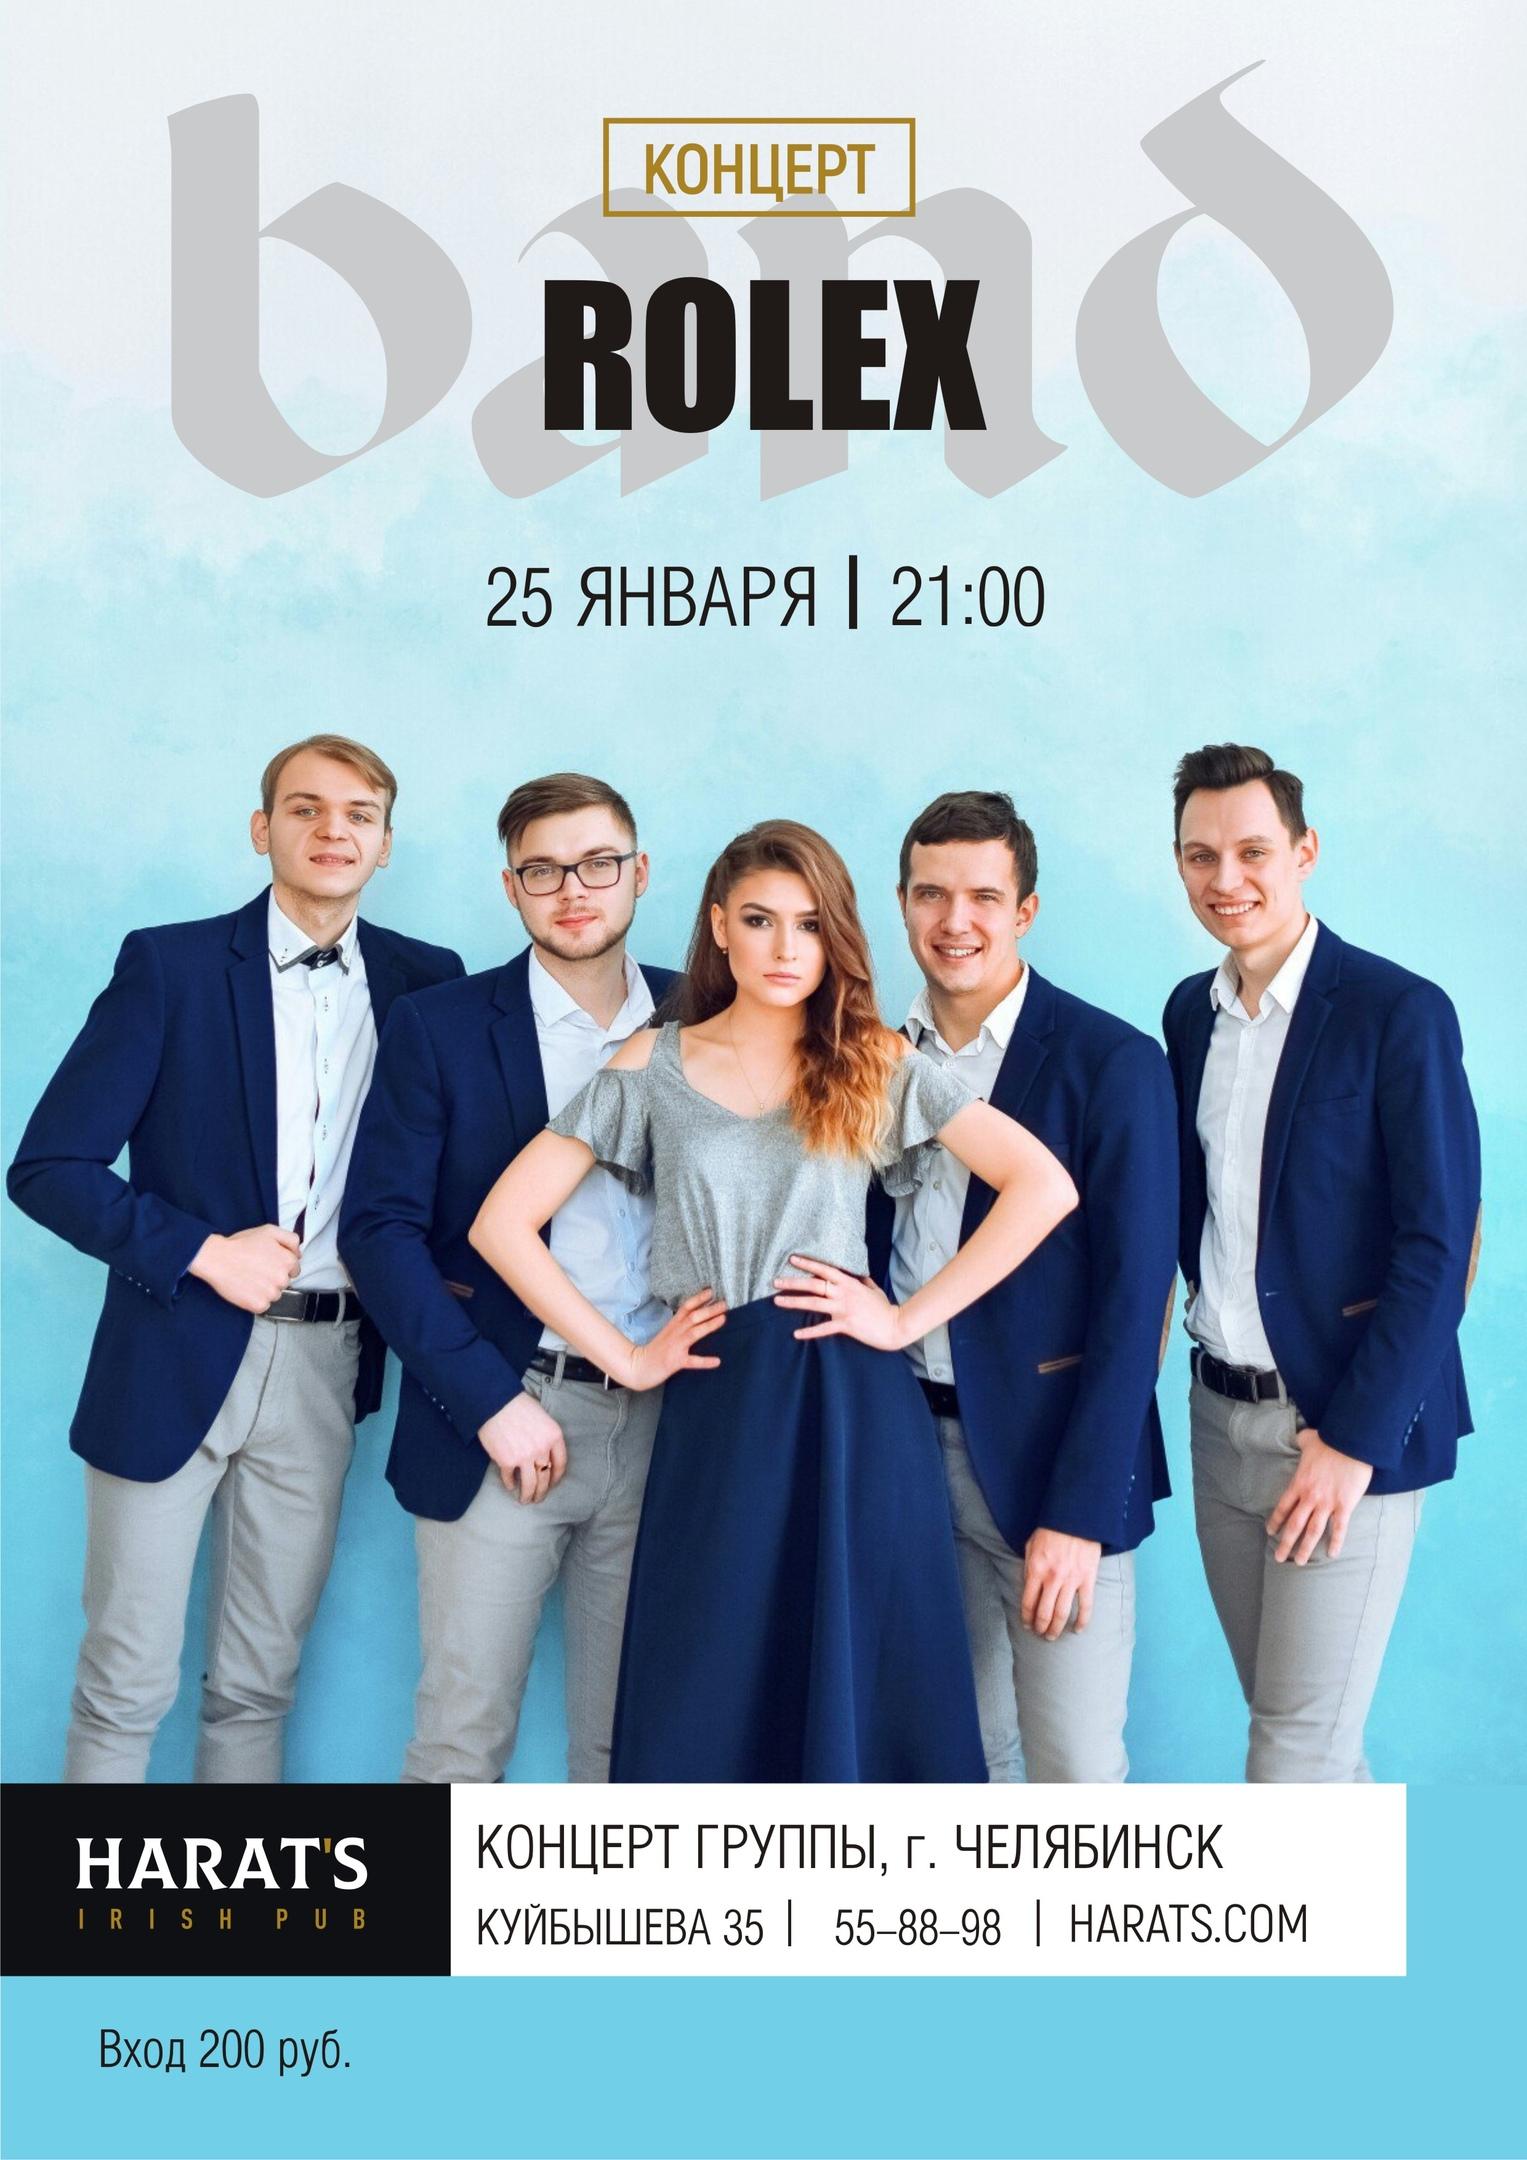 мероприятие Rolex курган афиша расписание